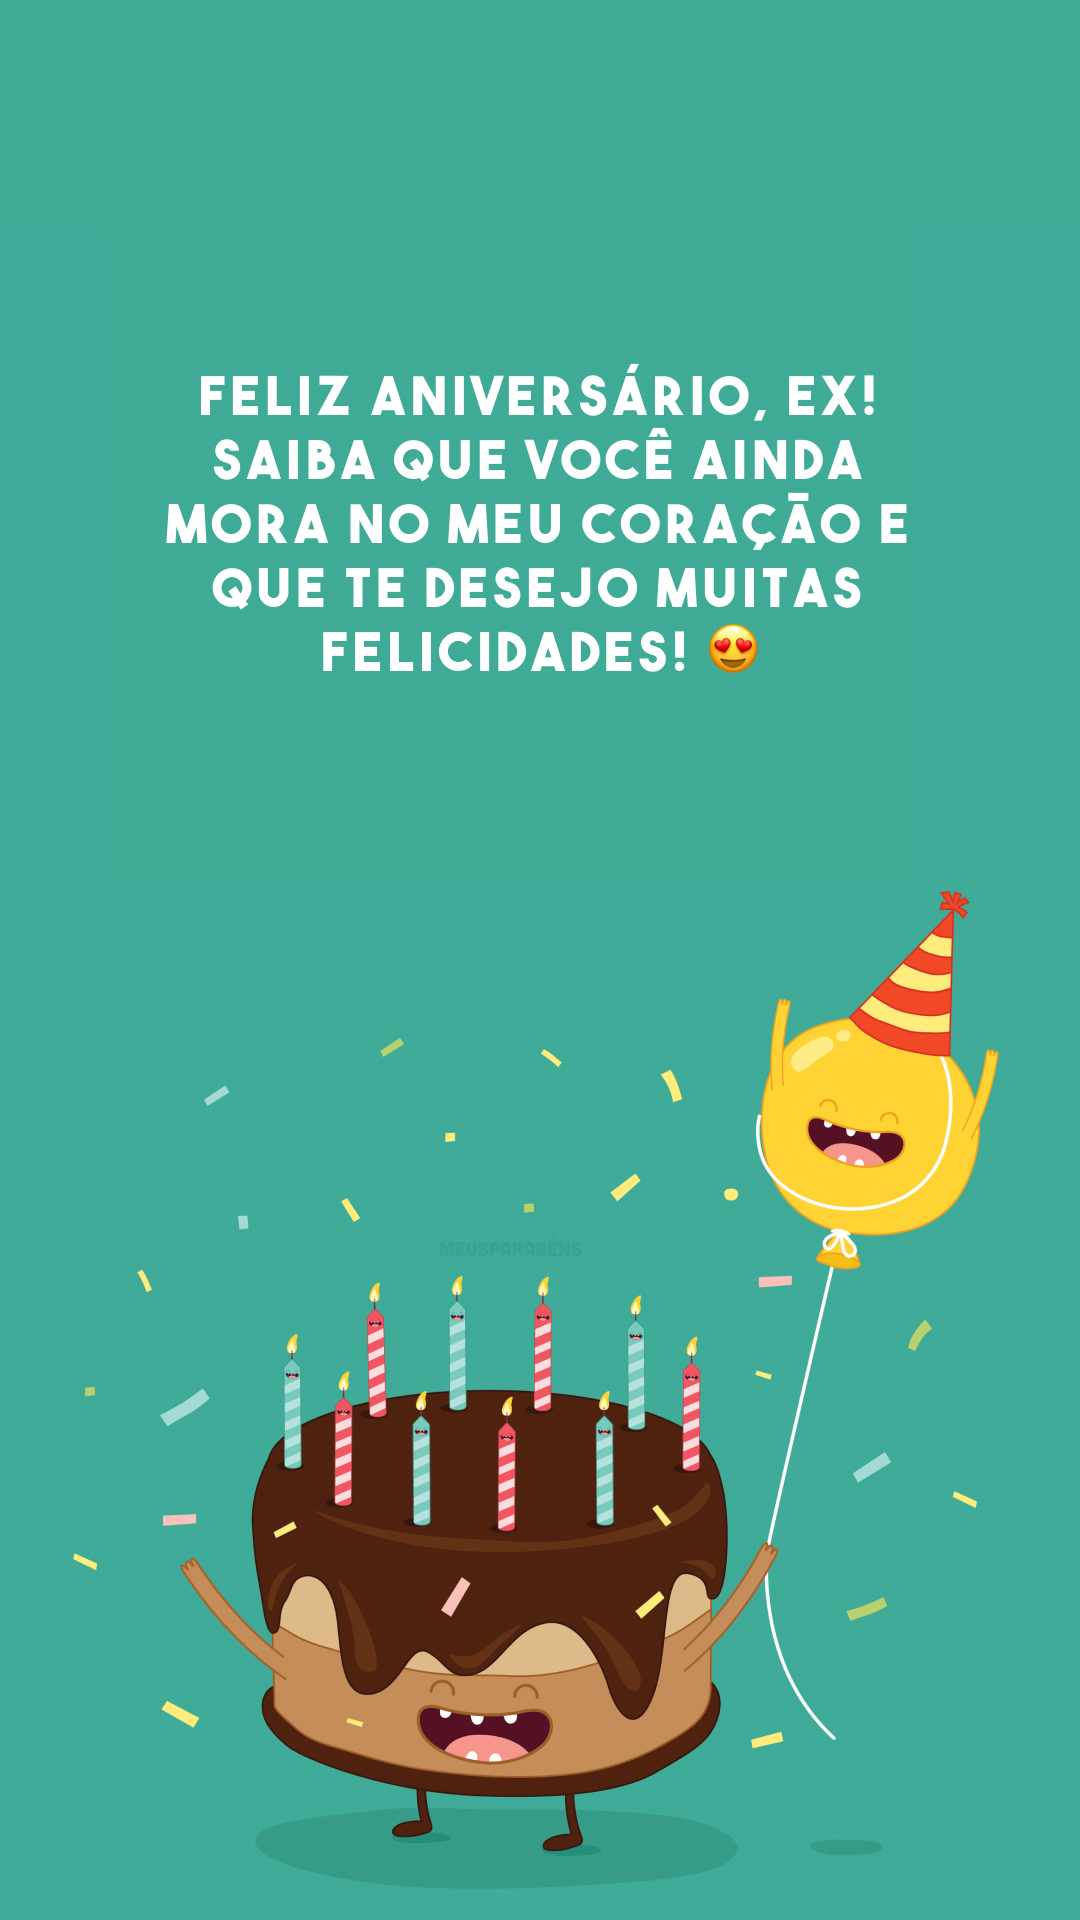 Feliz aniversário, ex! Saiba que você ainda mora no meu coração e que te desejo muitas felicidades! 😍